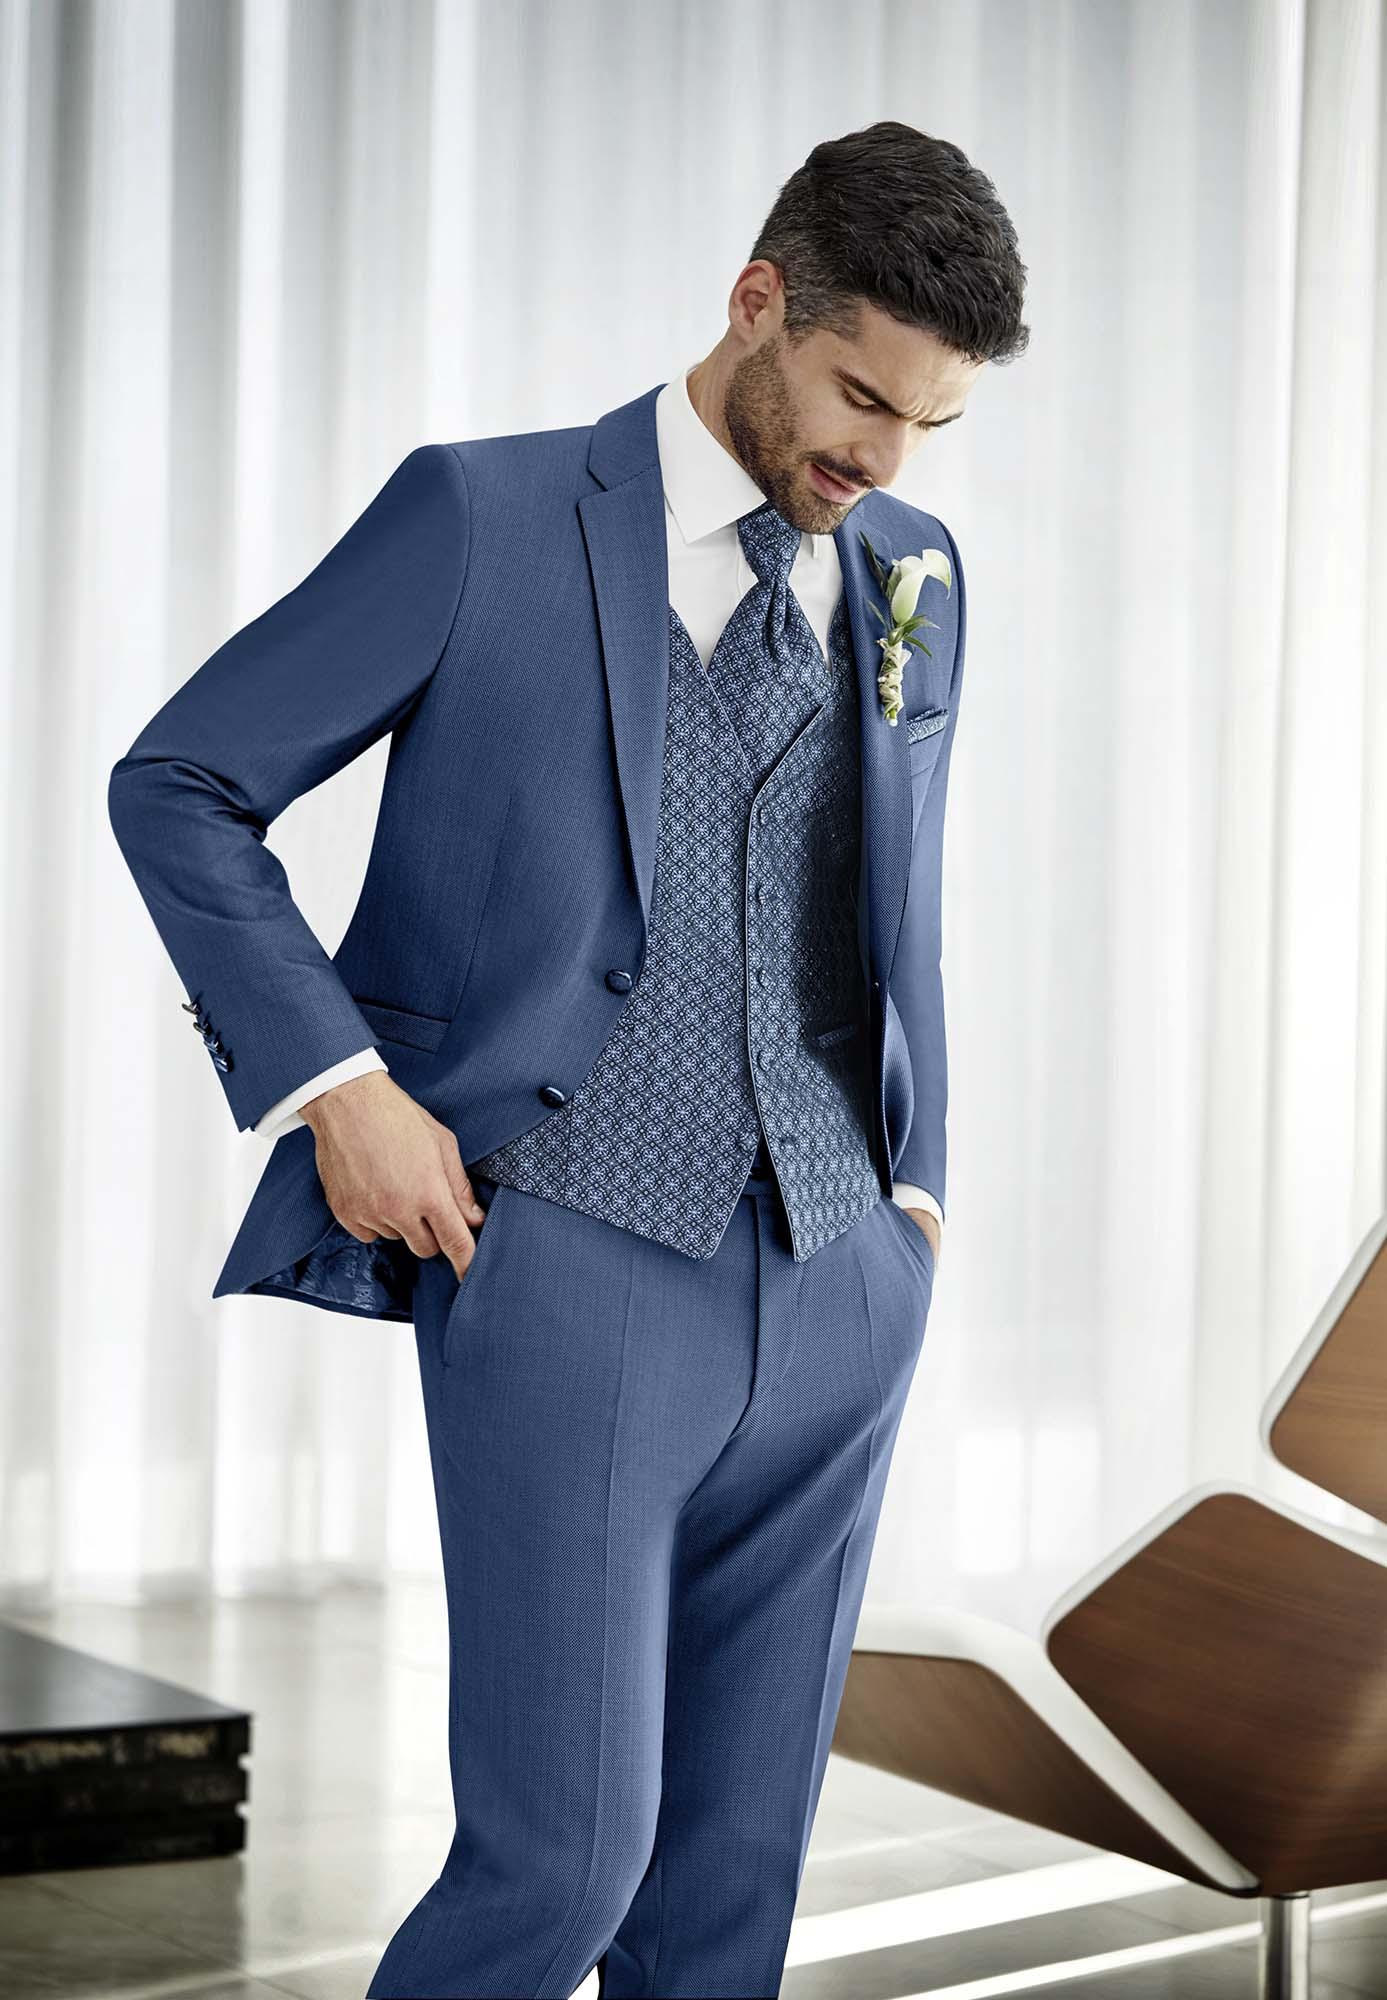 Hochzeitsanzug aus der Prestige Kollektion von WILVORST